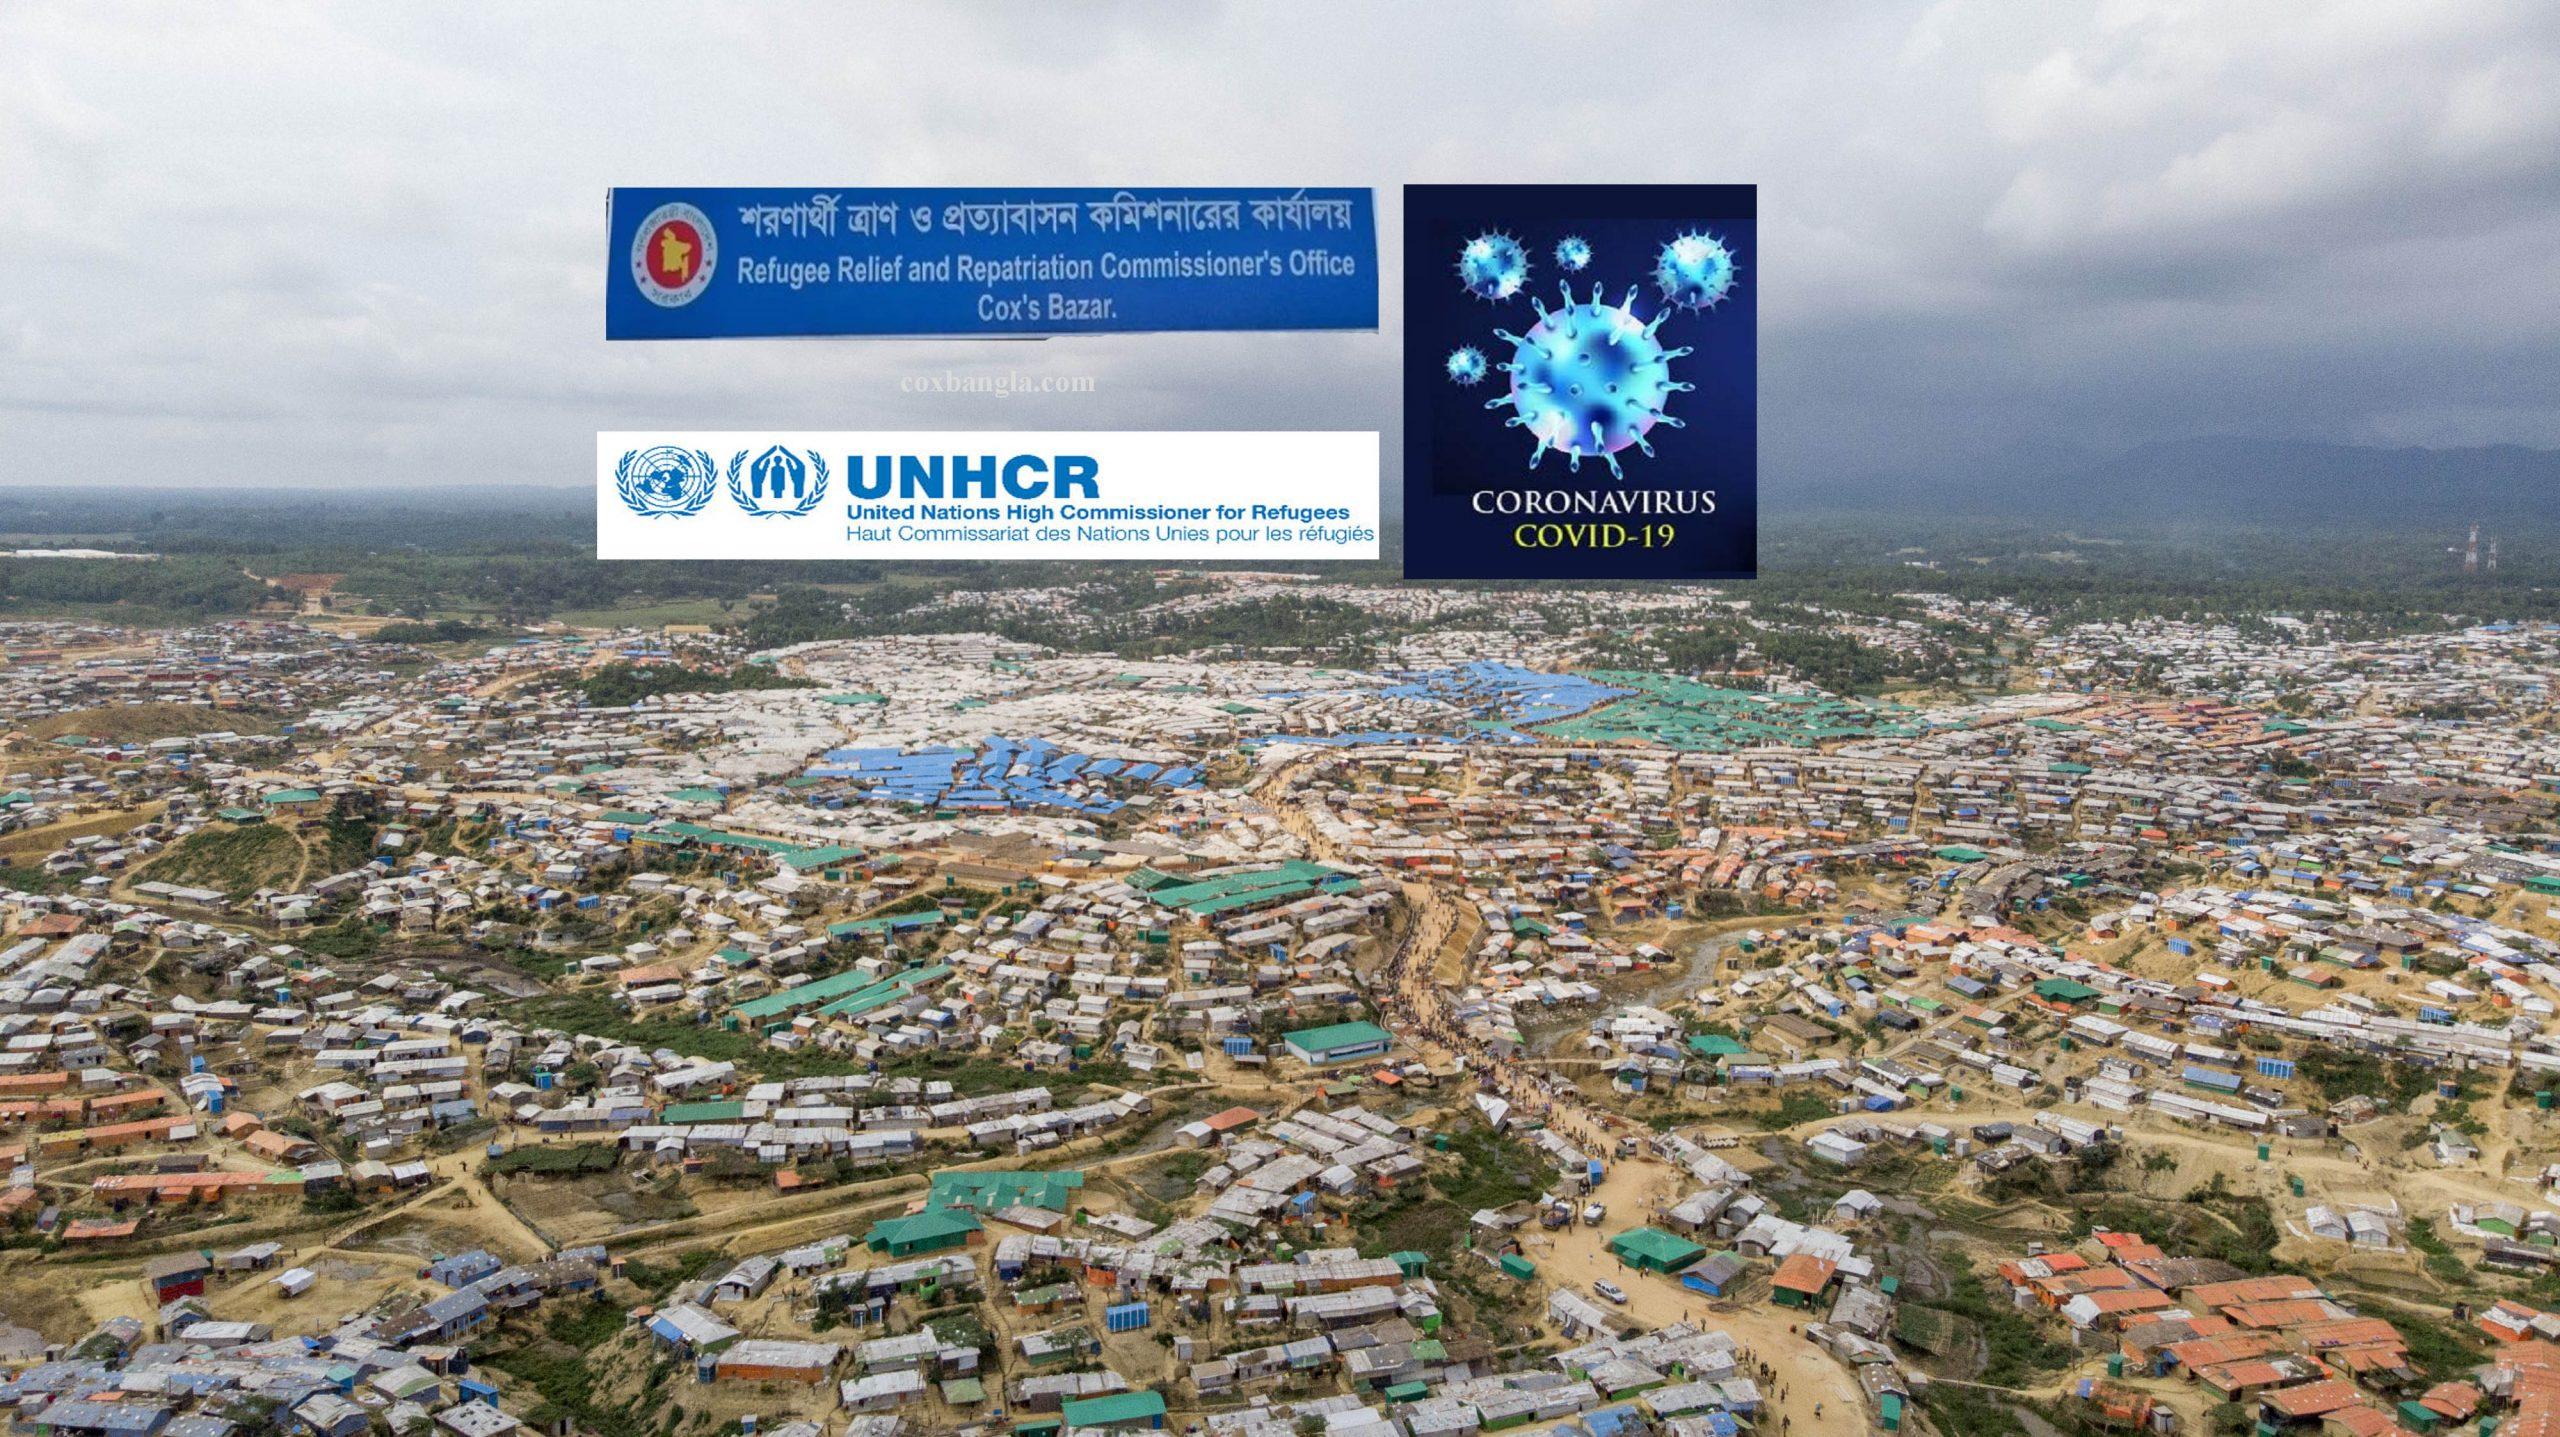 কক্সবাজার রোহিঙ্গা ক্যাম্পে RRRC স্টাফ ও UNHCR নিরাপত্তা কর্মী করোনায় আক্রান্ত